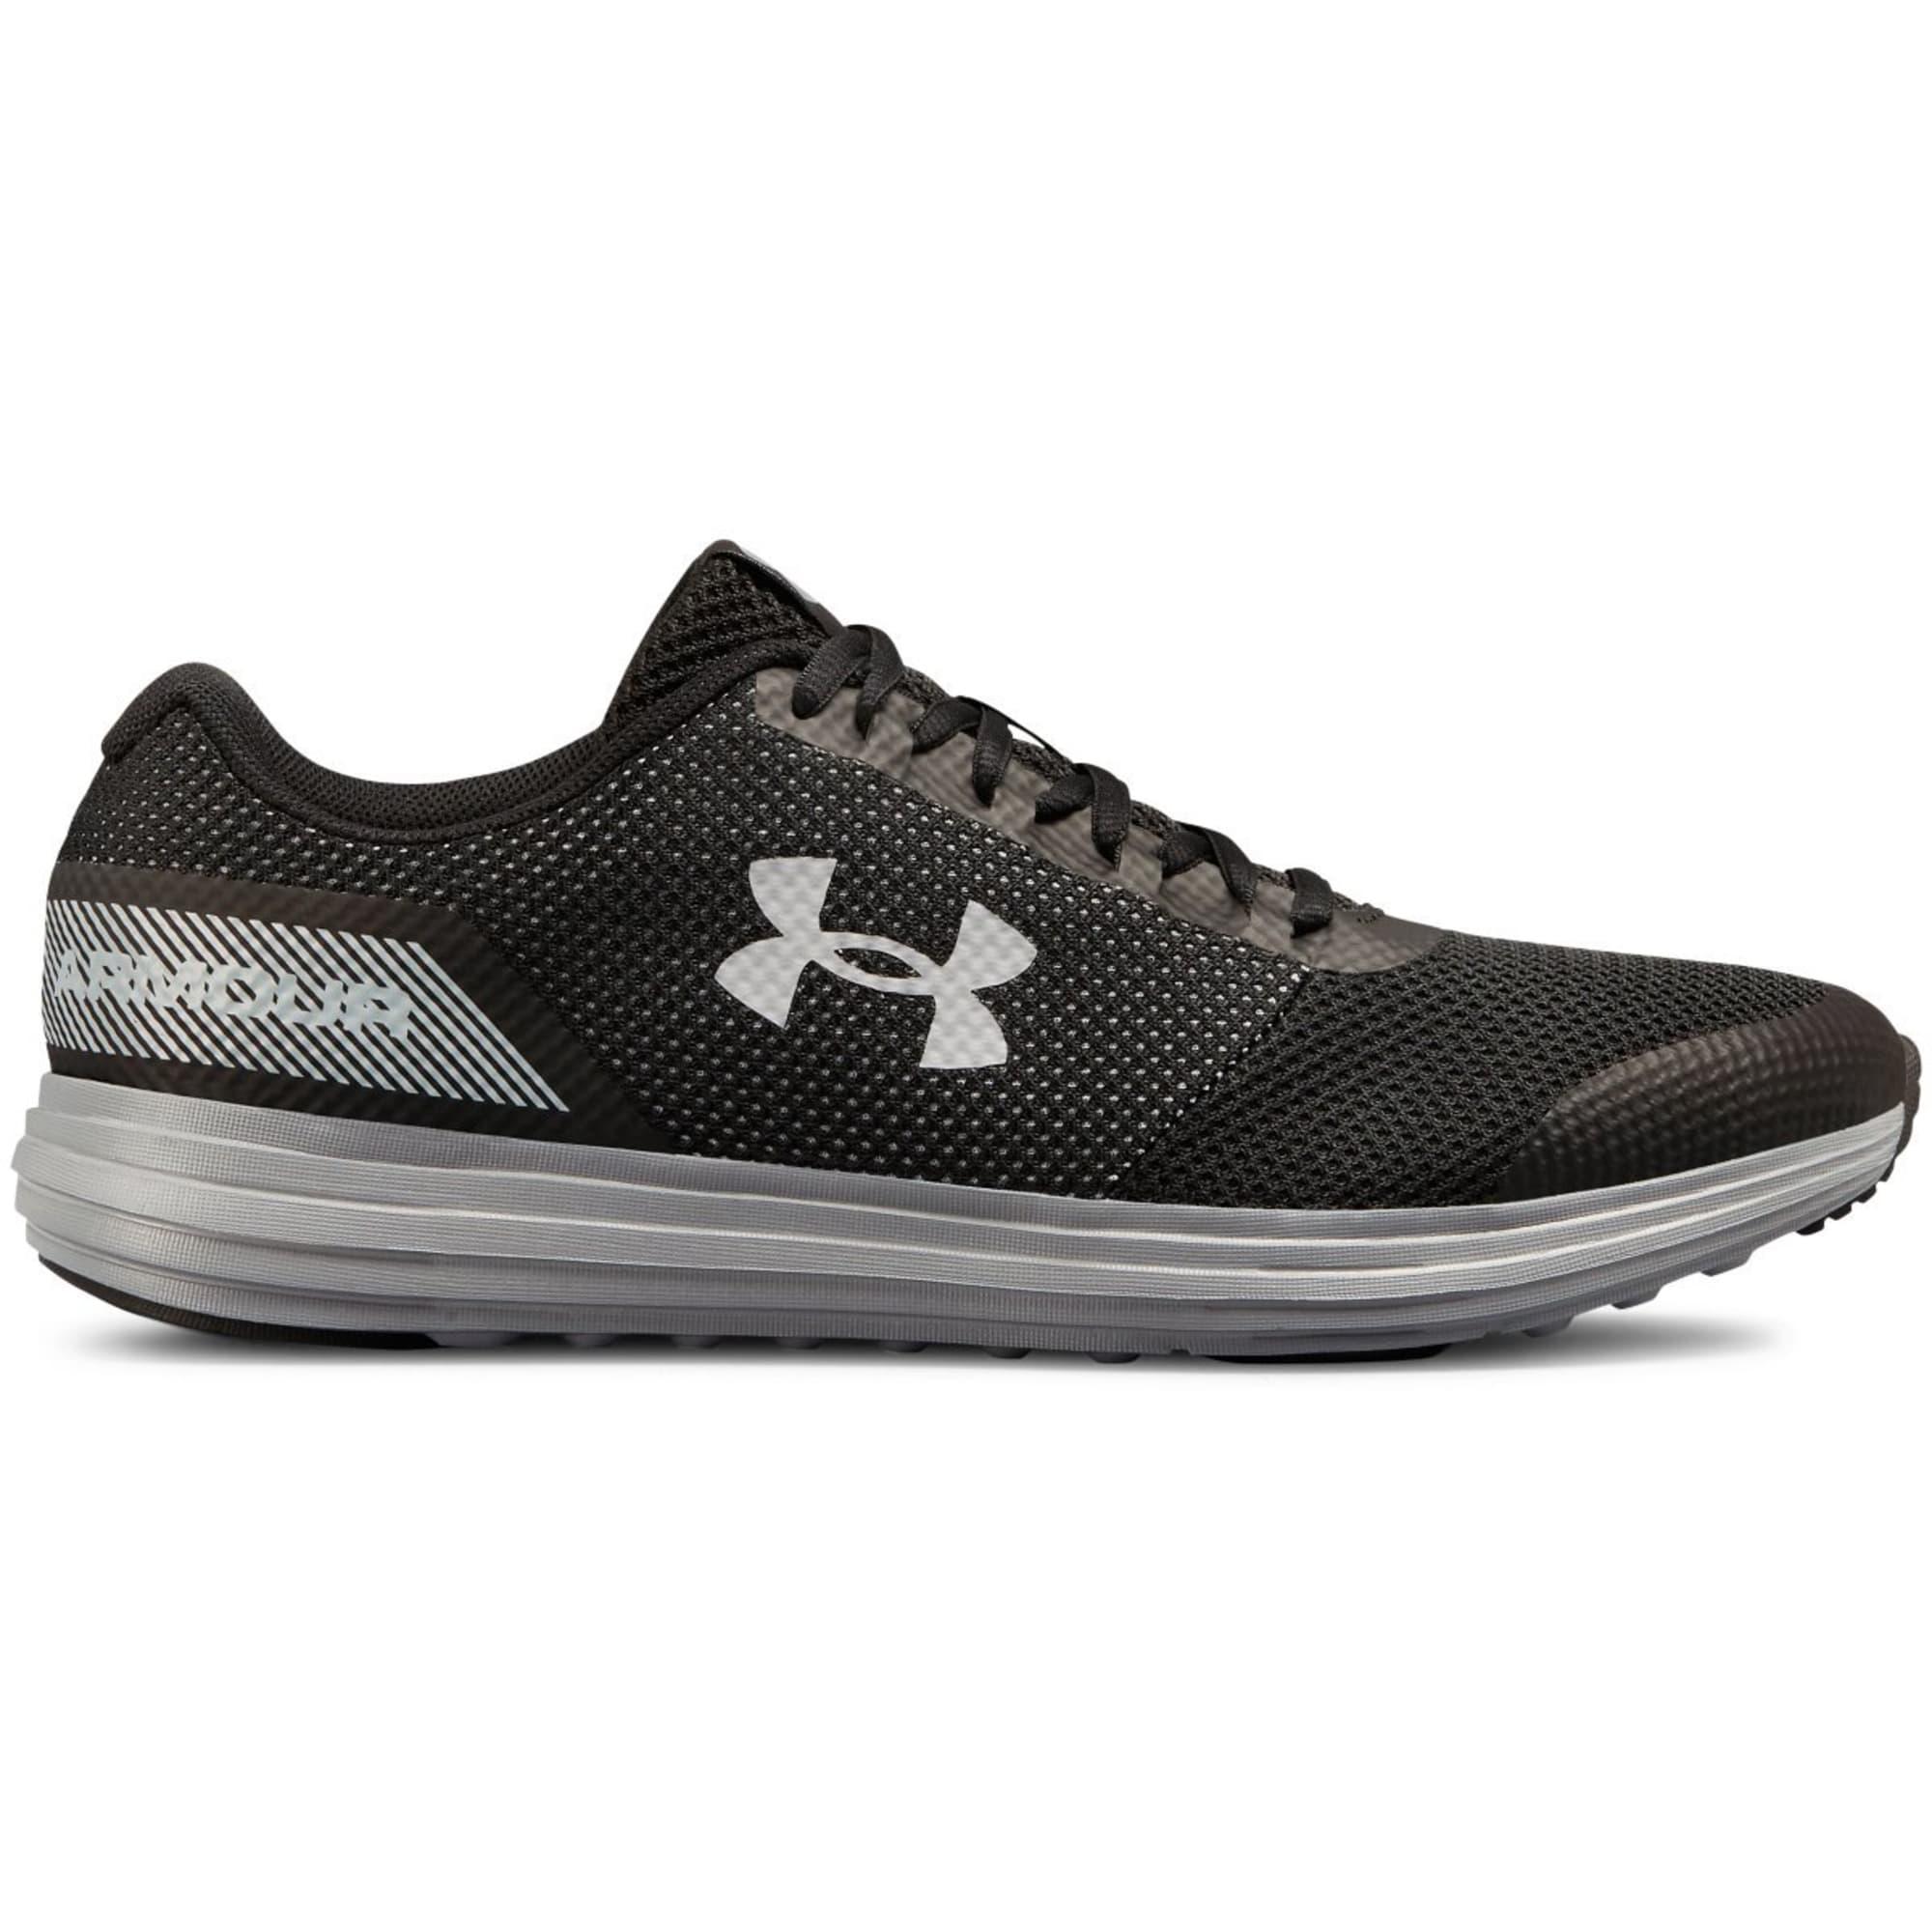 UA Surge Running Shoes Black US Sizes